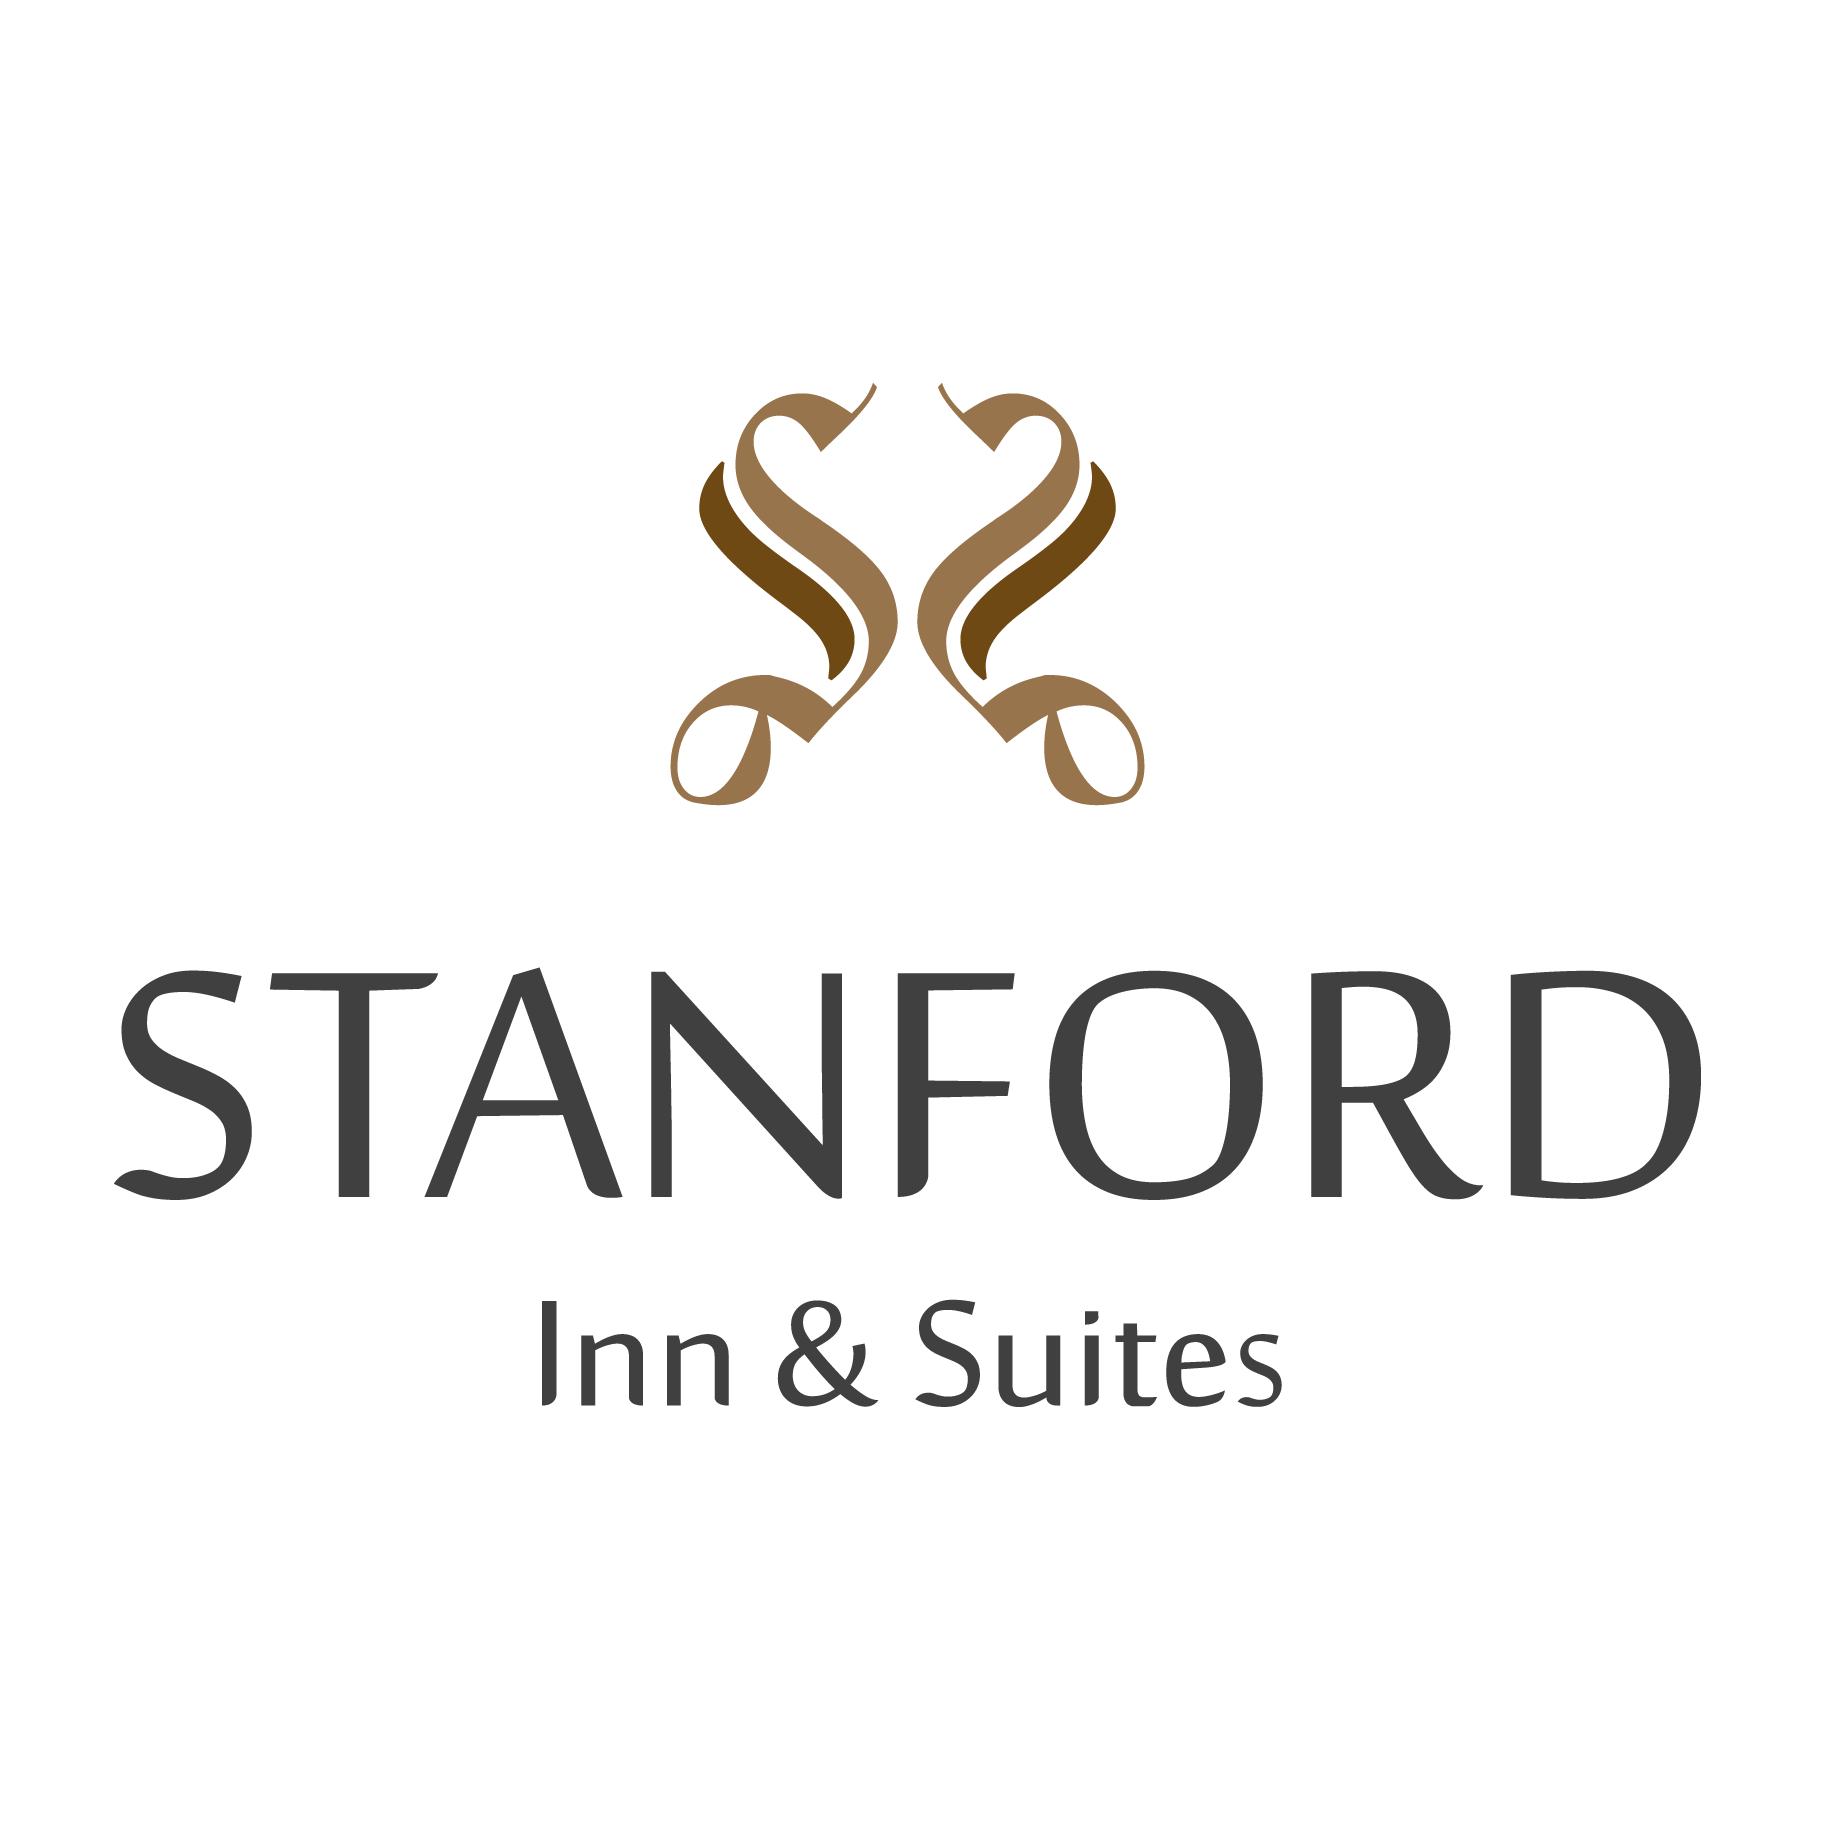 Stanford Inn & Suites